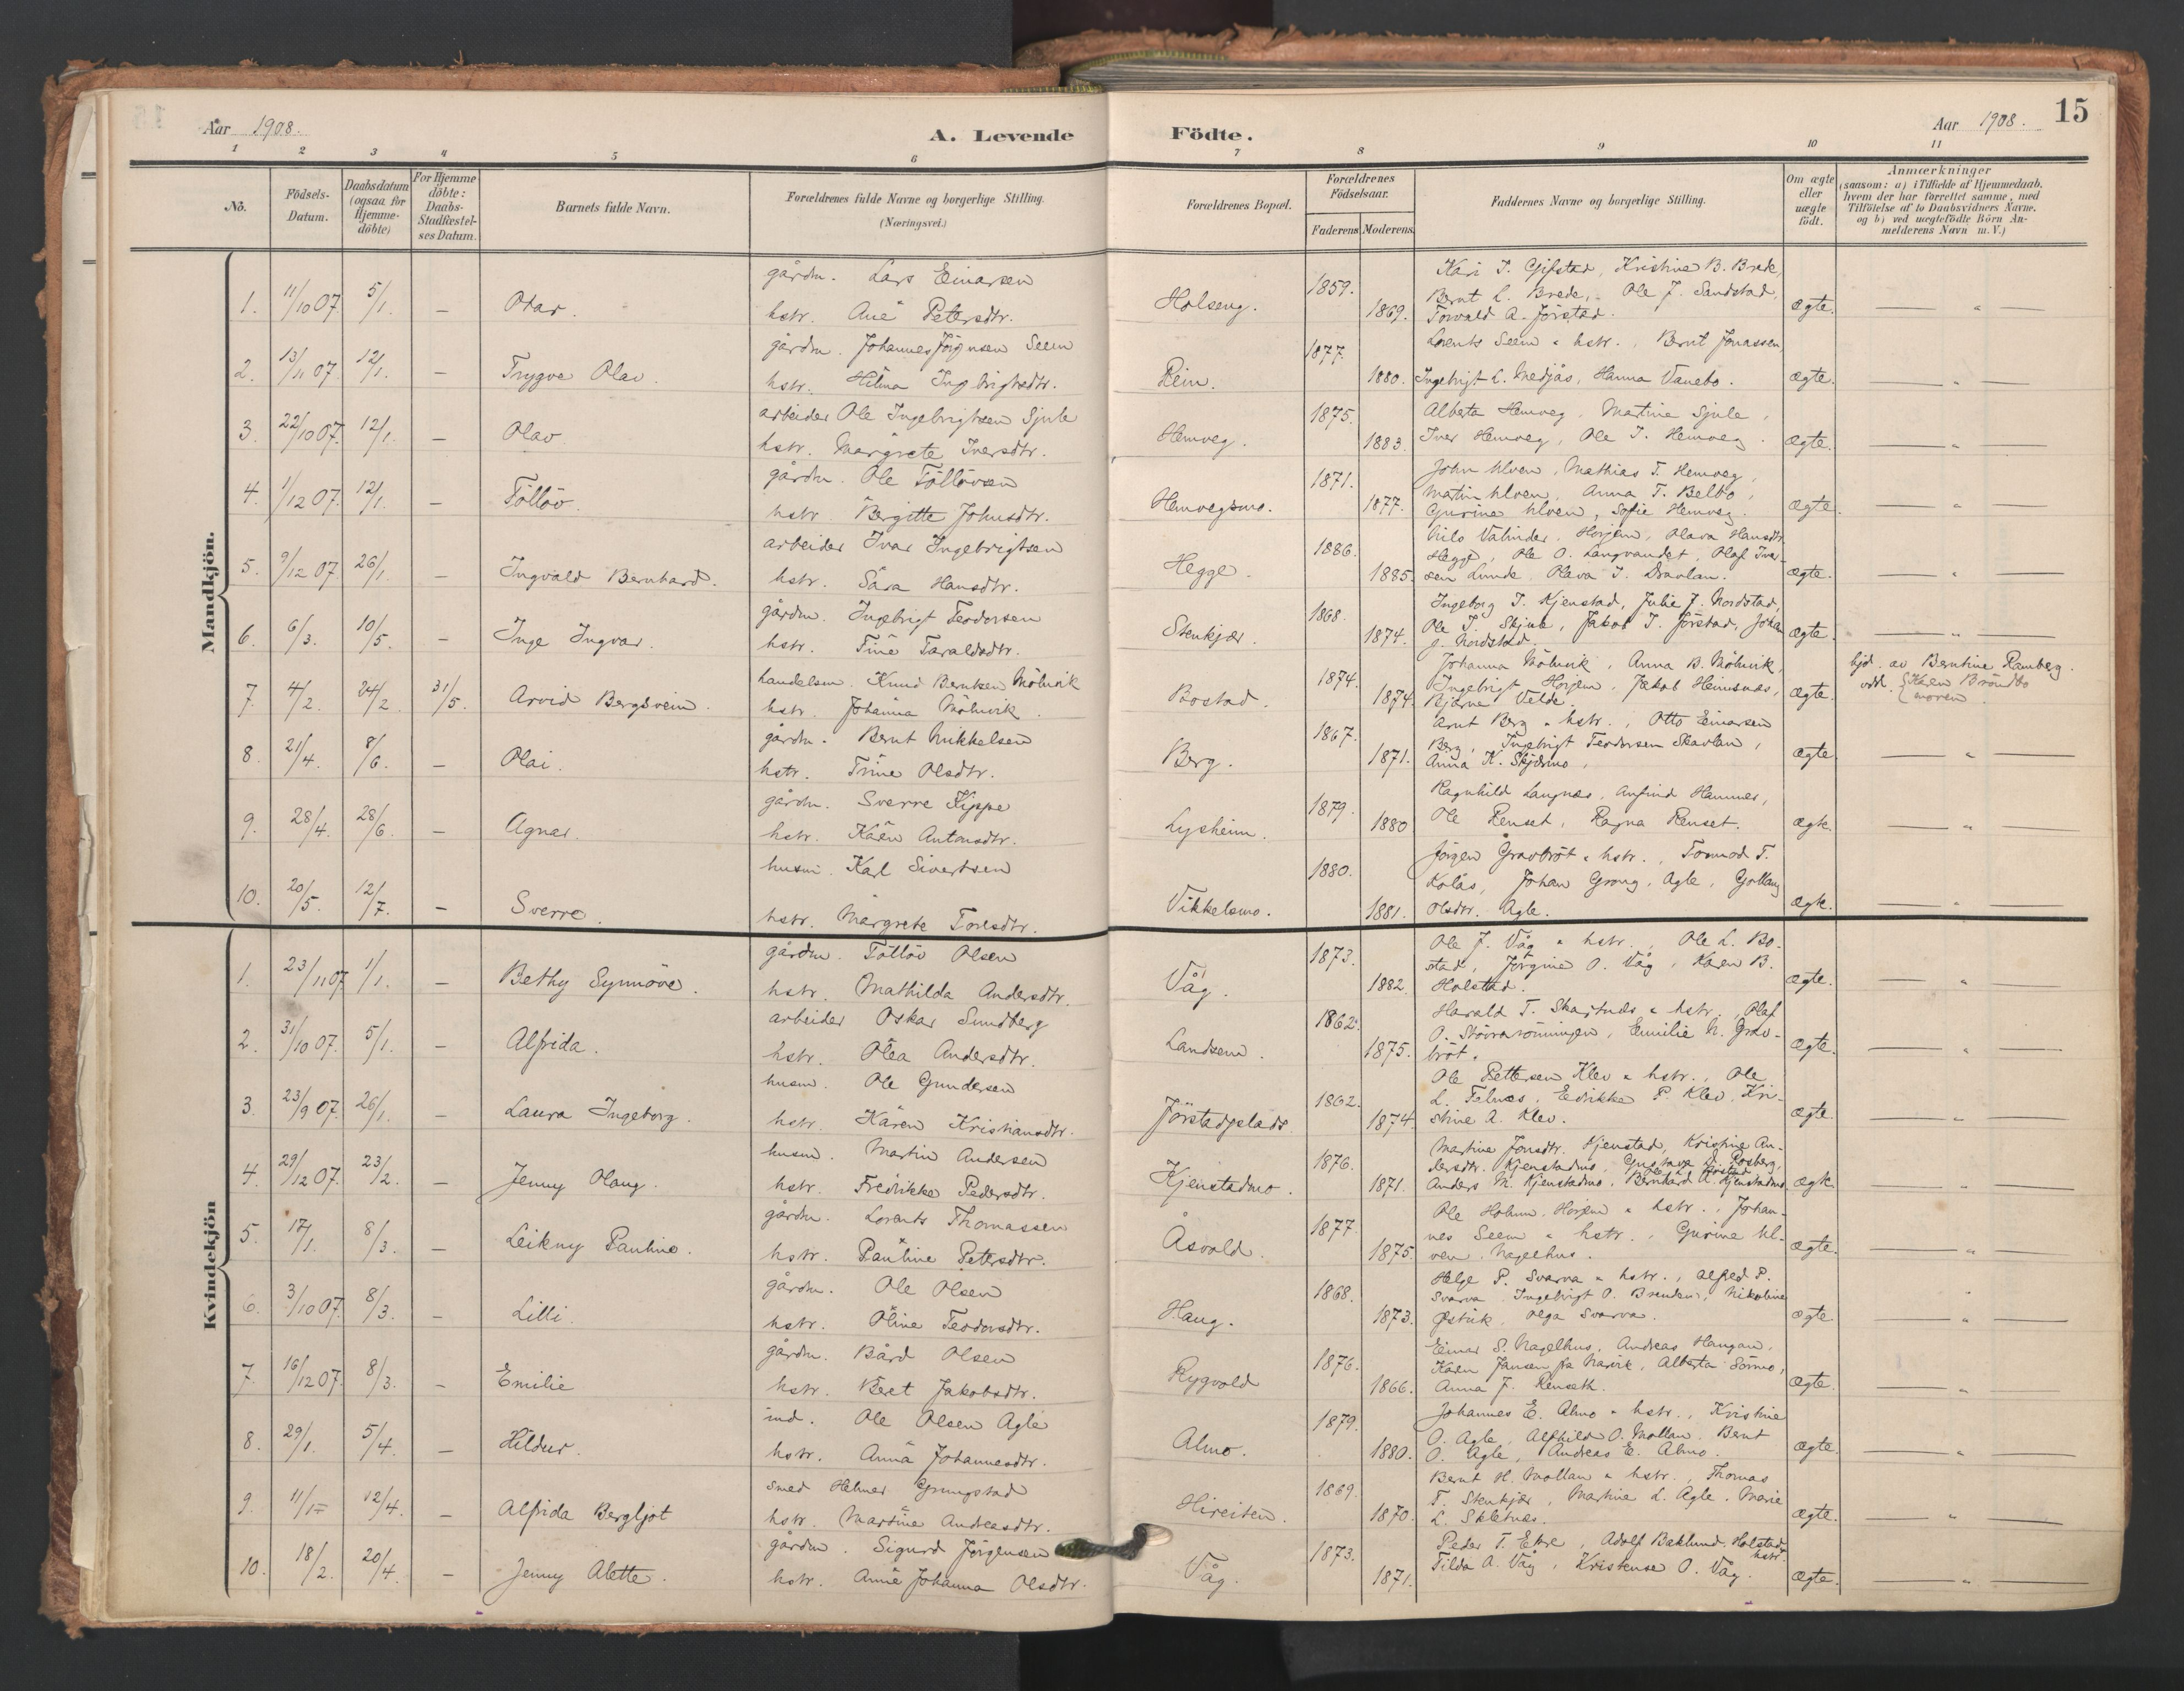 SAT, Ministerialprotokoller, klokkerbøker og fødselsregistre - Nord-Trøndelag, 749/L0477: Ministerialbok nr. 749A11, 1902-1927, s. 15